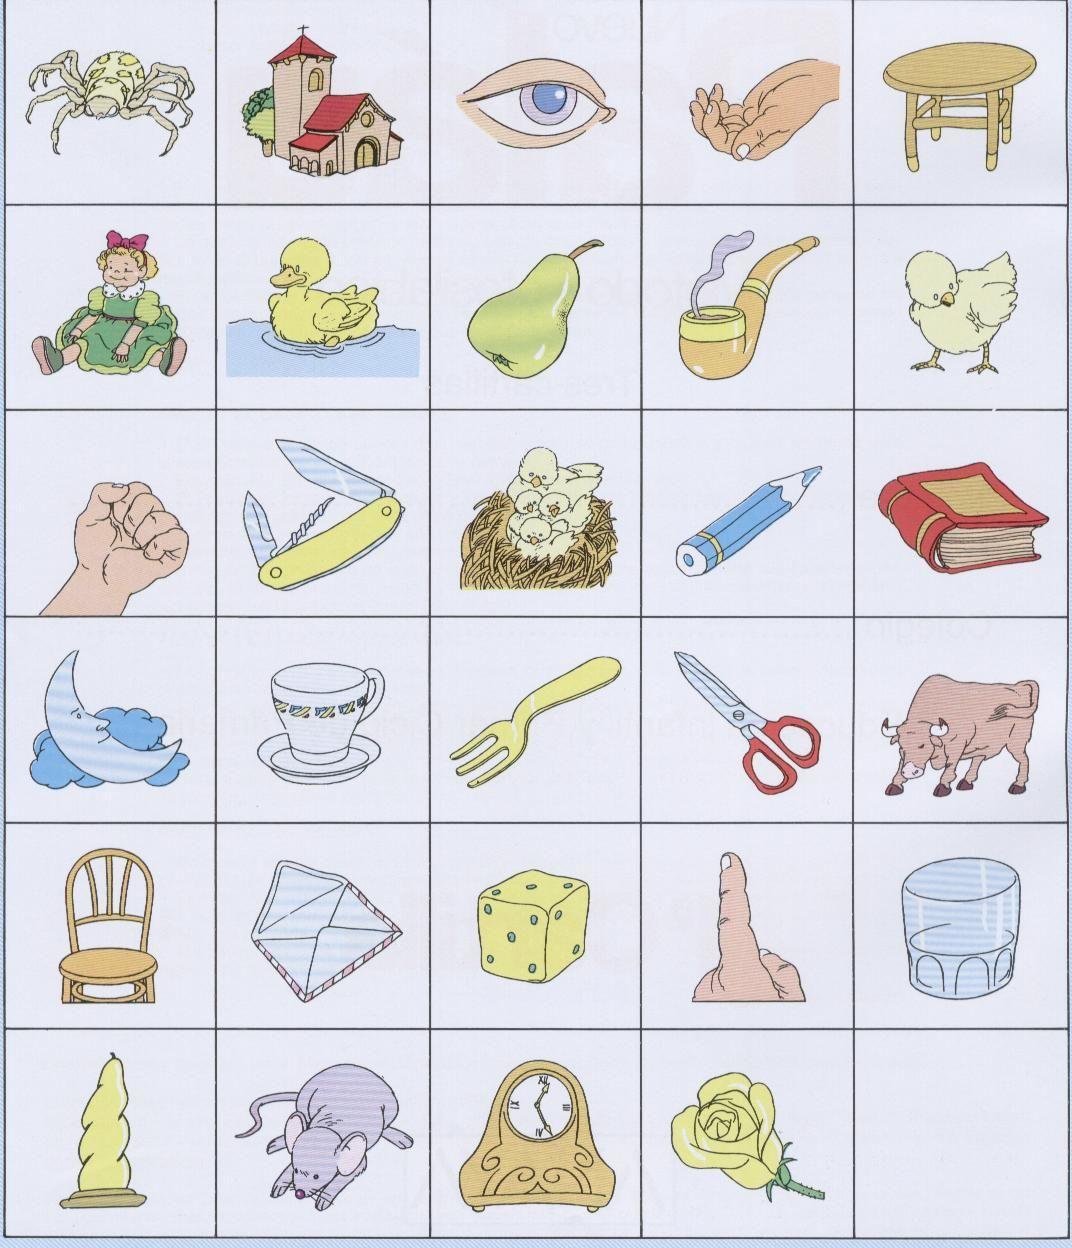 ilustradas para formar palavras em espanhol espanhol para crianças #913A3C 1072 1248